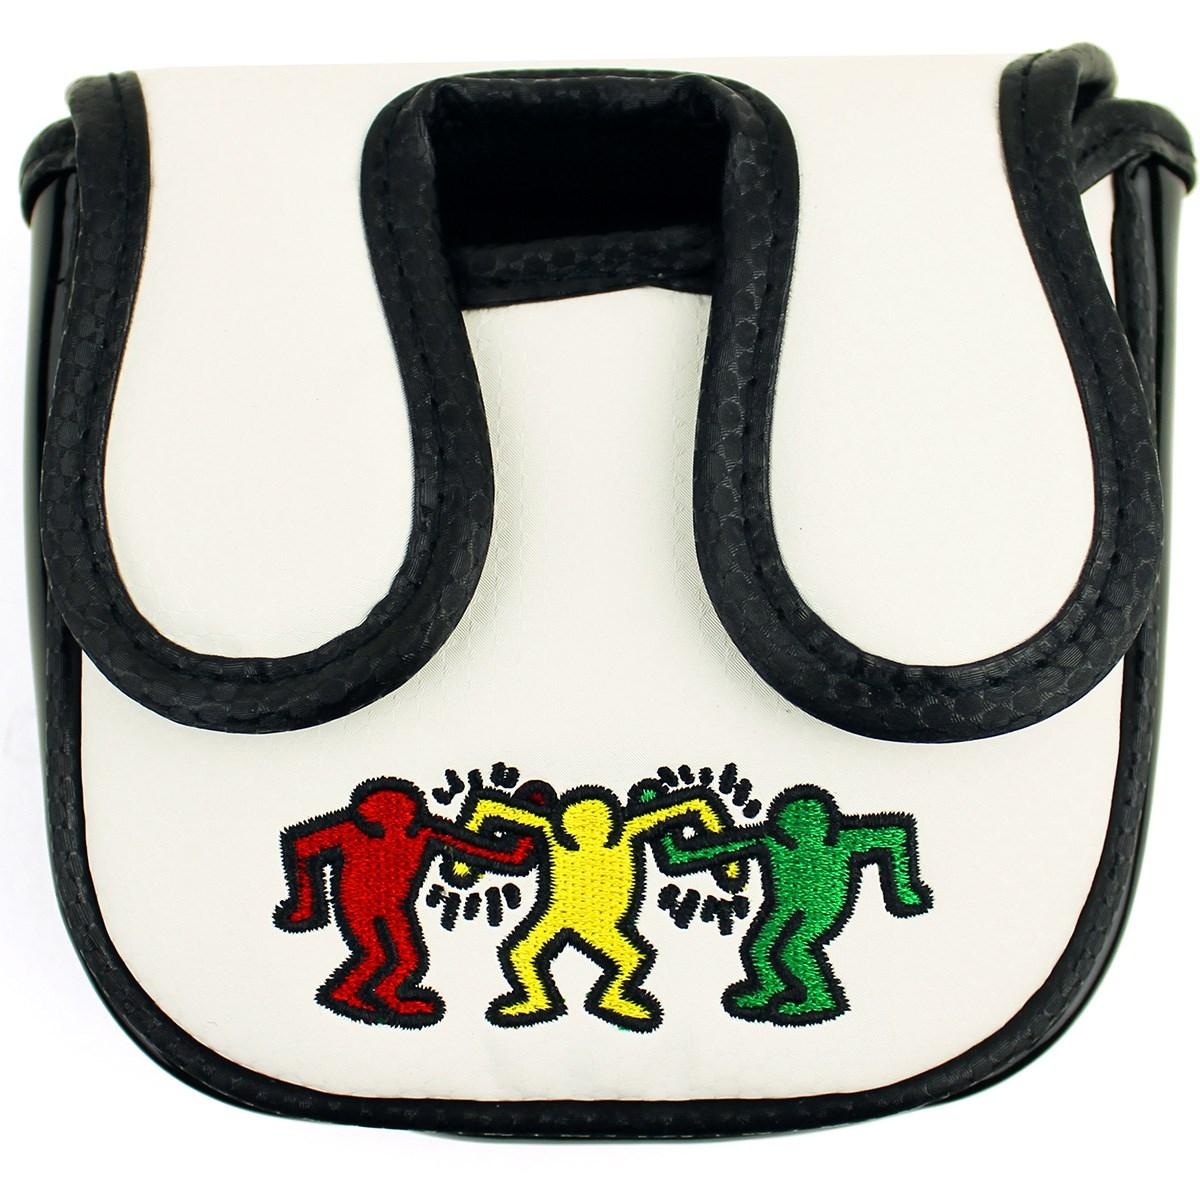 Dショッピング キース ヘリング Keith Haring パターカバー ホワイト カテゴリ ヘッドカバーの販売できる商品 Gdoゴルフショップ ドコモの通販サイト